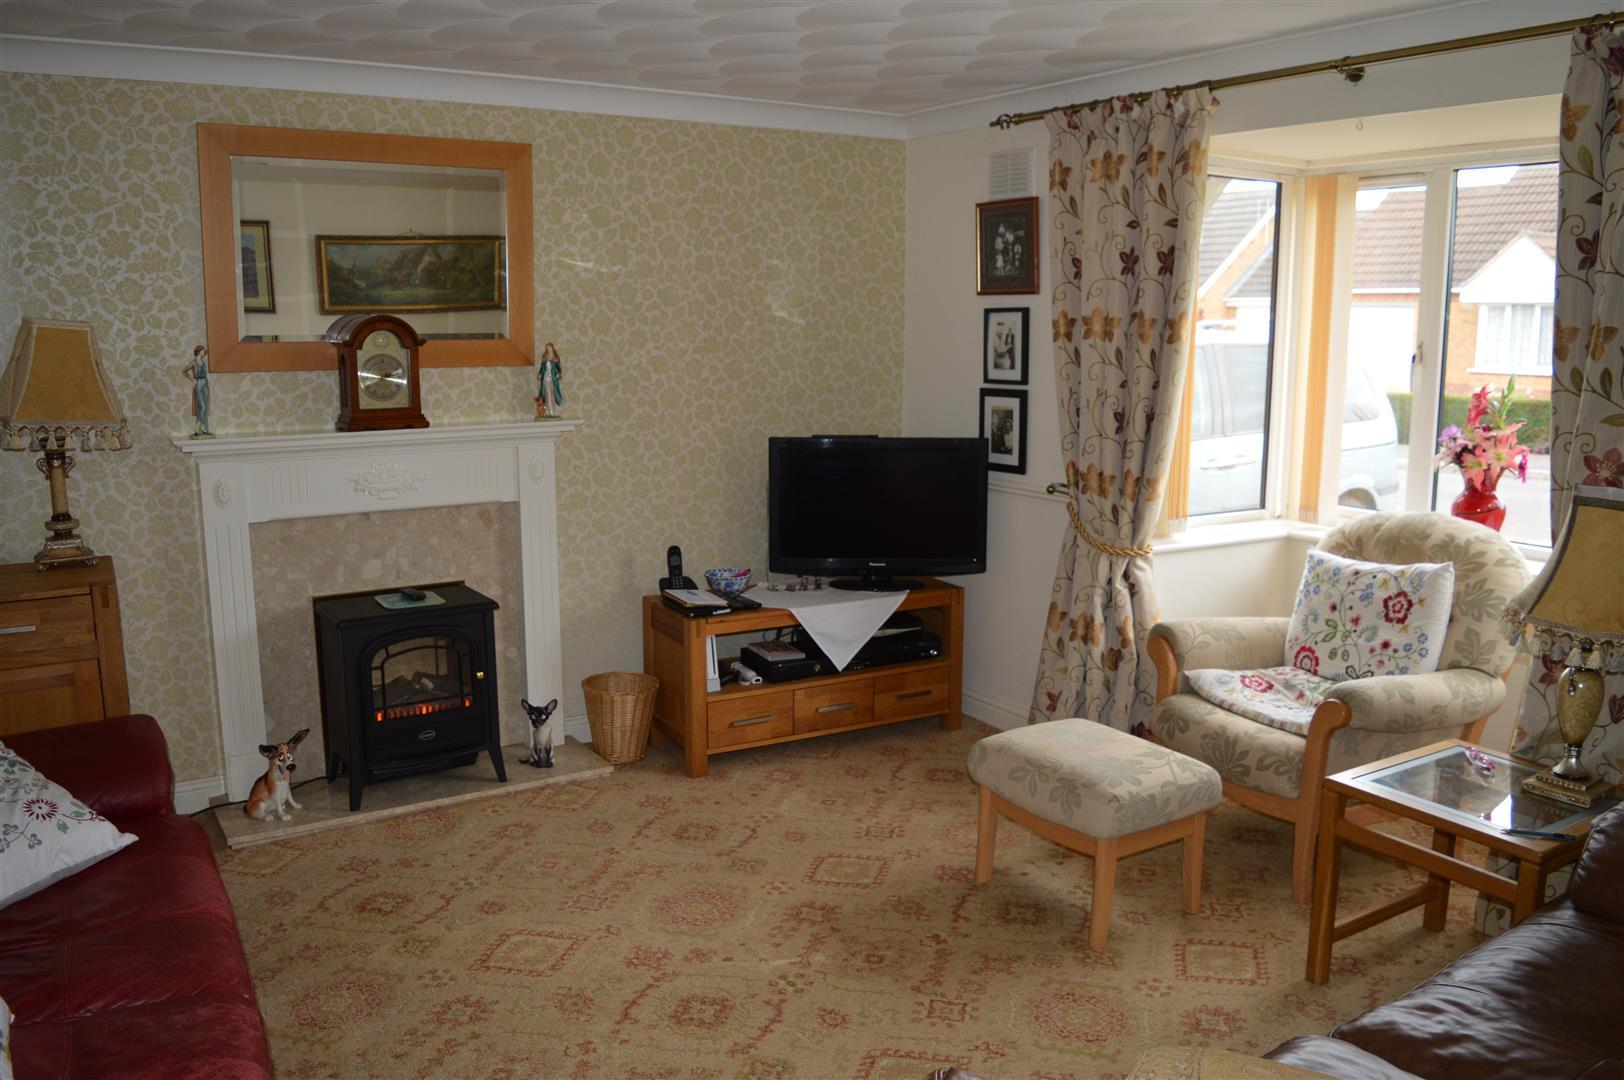 3 bedroom property in Heckington